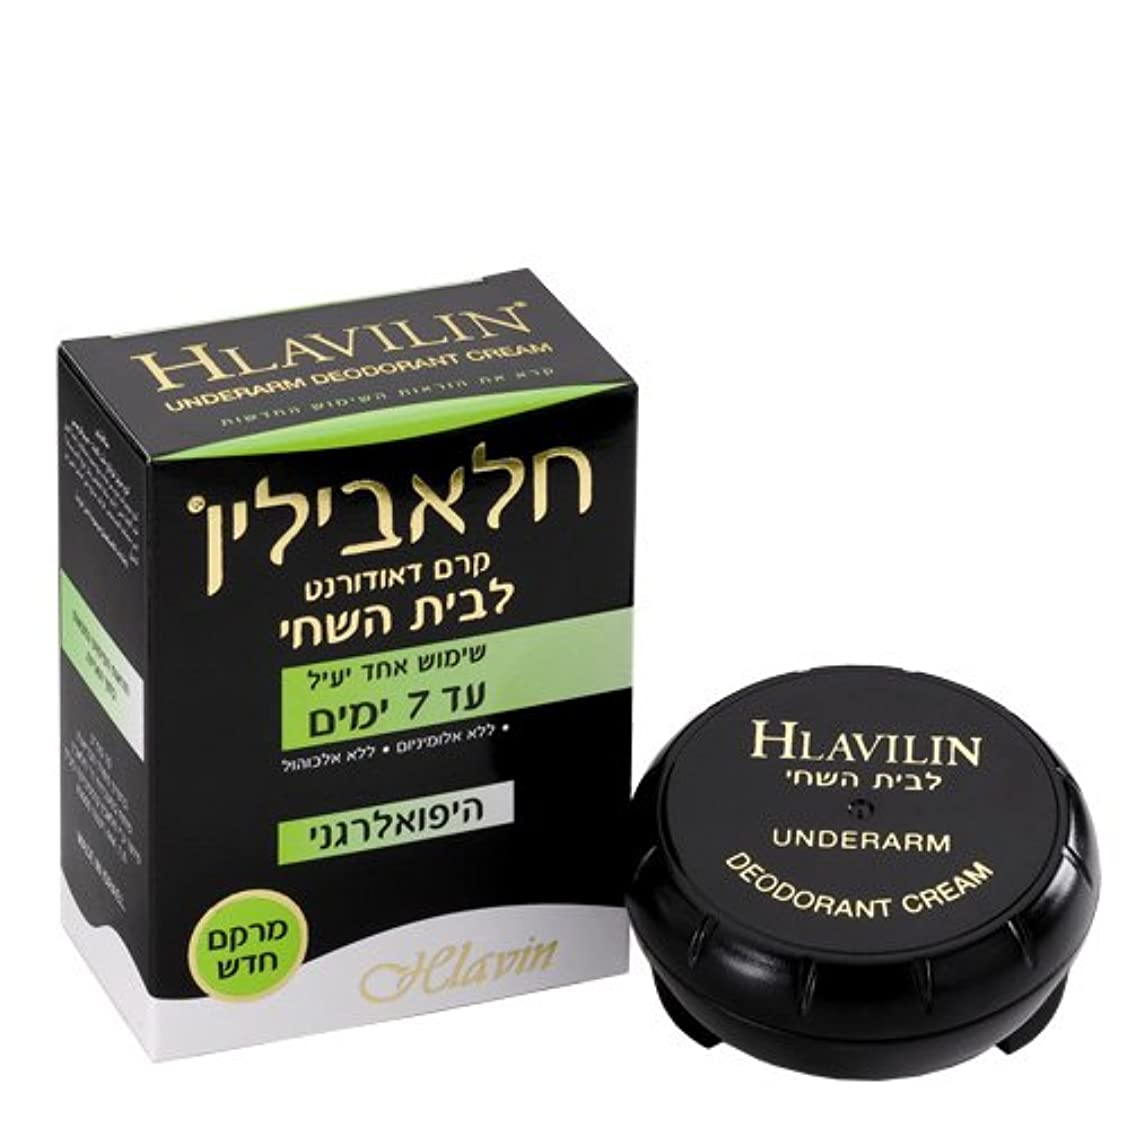 やりがいのあるティームハイランド男性用メンズ ラヴィリン アンダーアーム(ワキ用)イスラエルより直送 並行輸入品 海外直送品